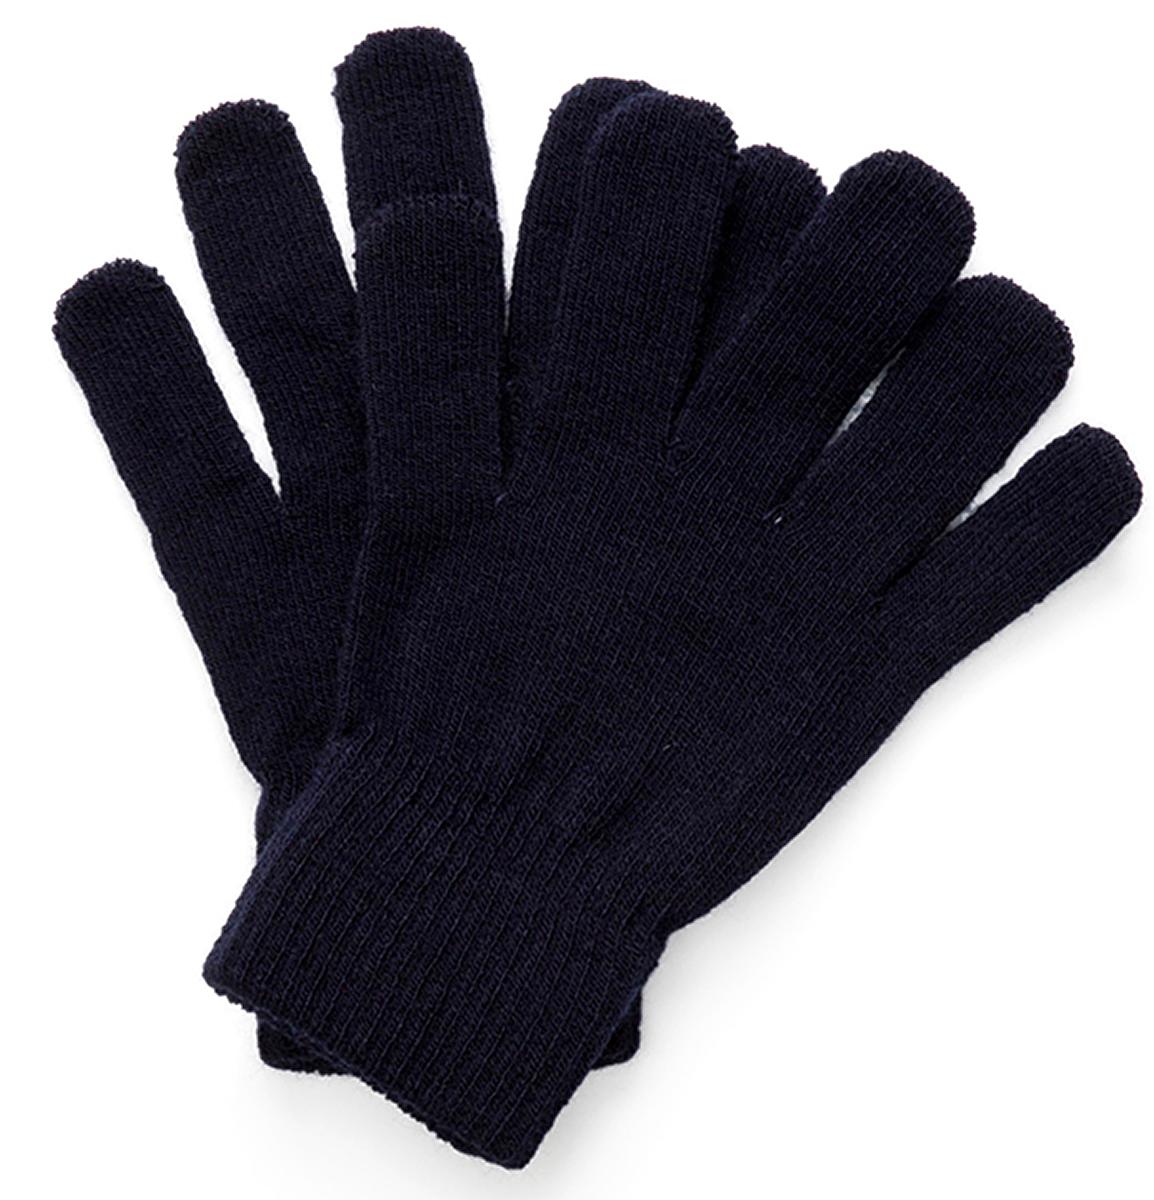 Перчатки для мальчика Acoola Kamu, цвет: темно-синий. 20136420009. Размер XS (4)20136420009Вязаные перчатки от Acoola выполнены из натуральной акриловой пряжи. Такие перчатки согреют руки вашего ребенка в холодную погоду.